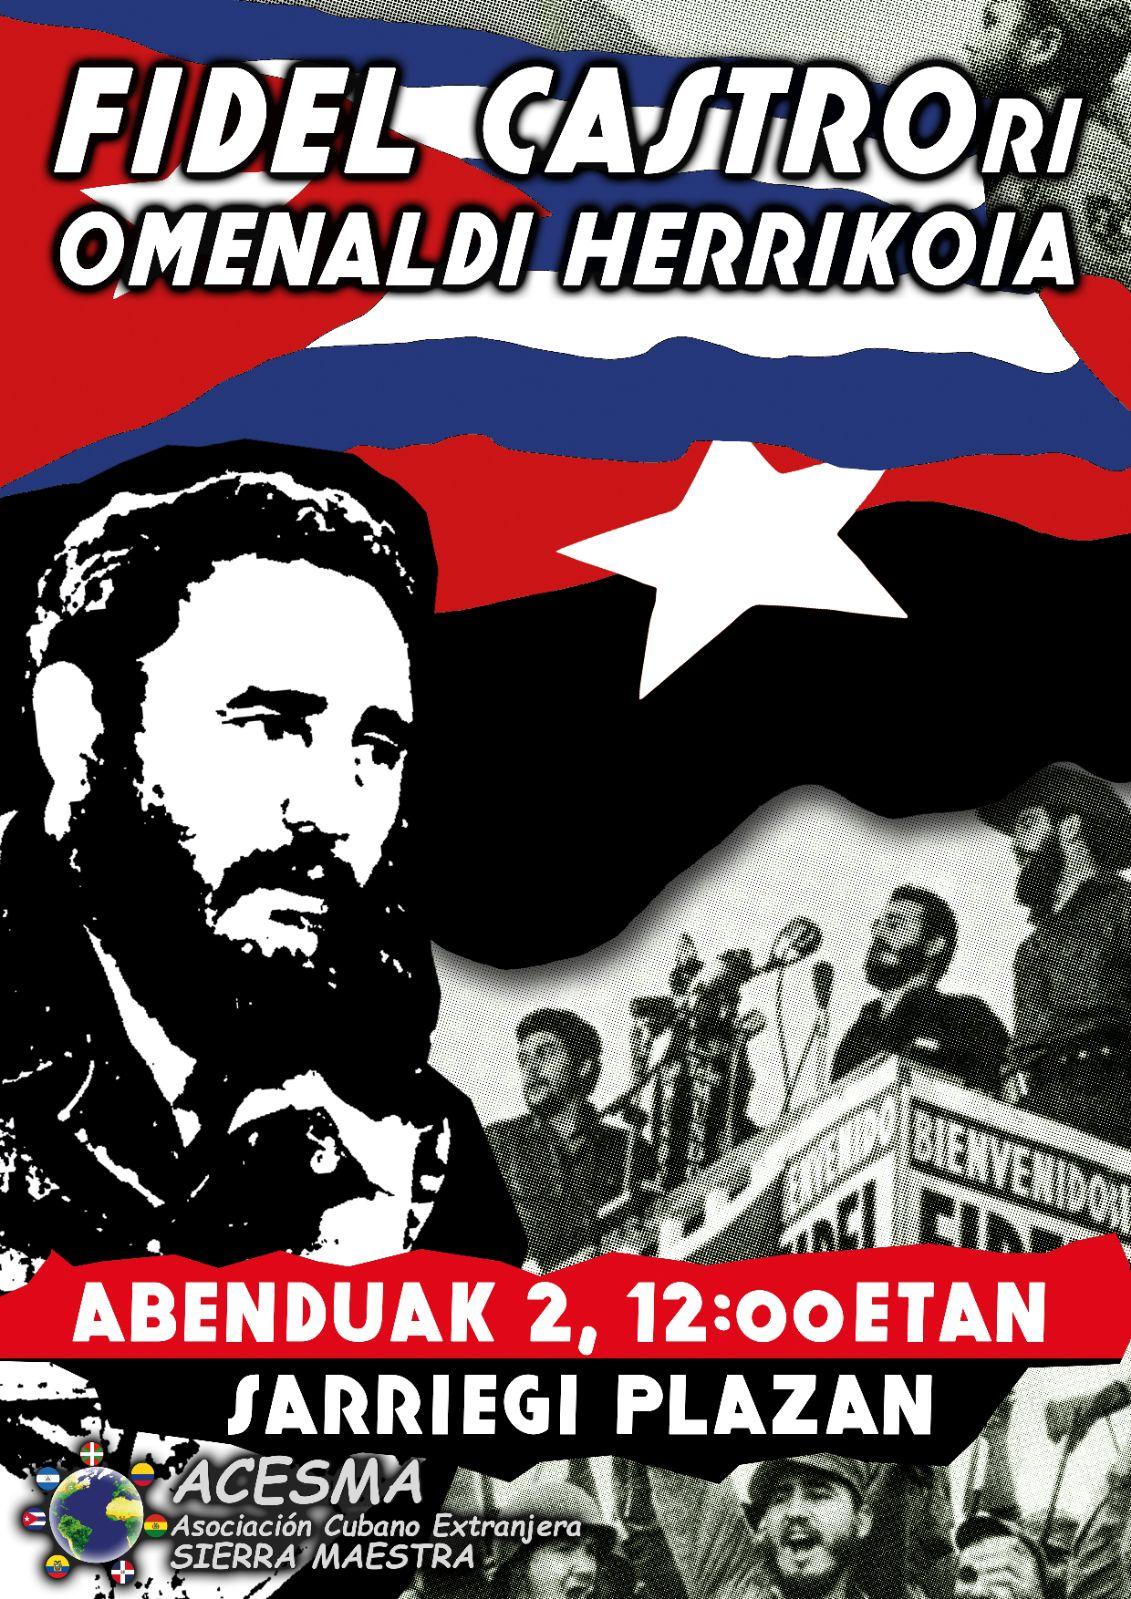 Fidel castrori omenaldi herrikoia sarriegi plaza donostia for Cerrajeros donostia 24 horas